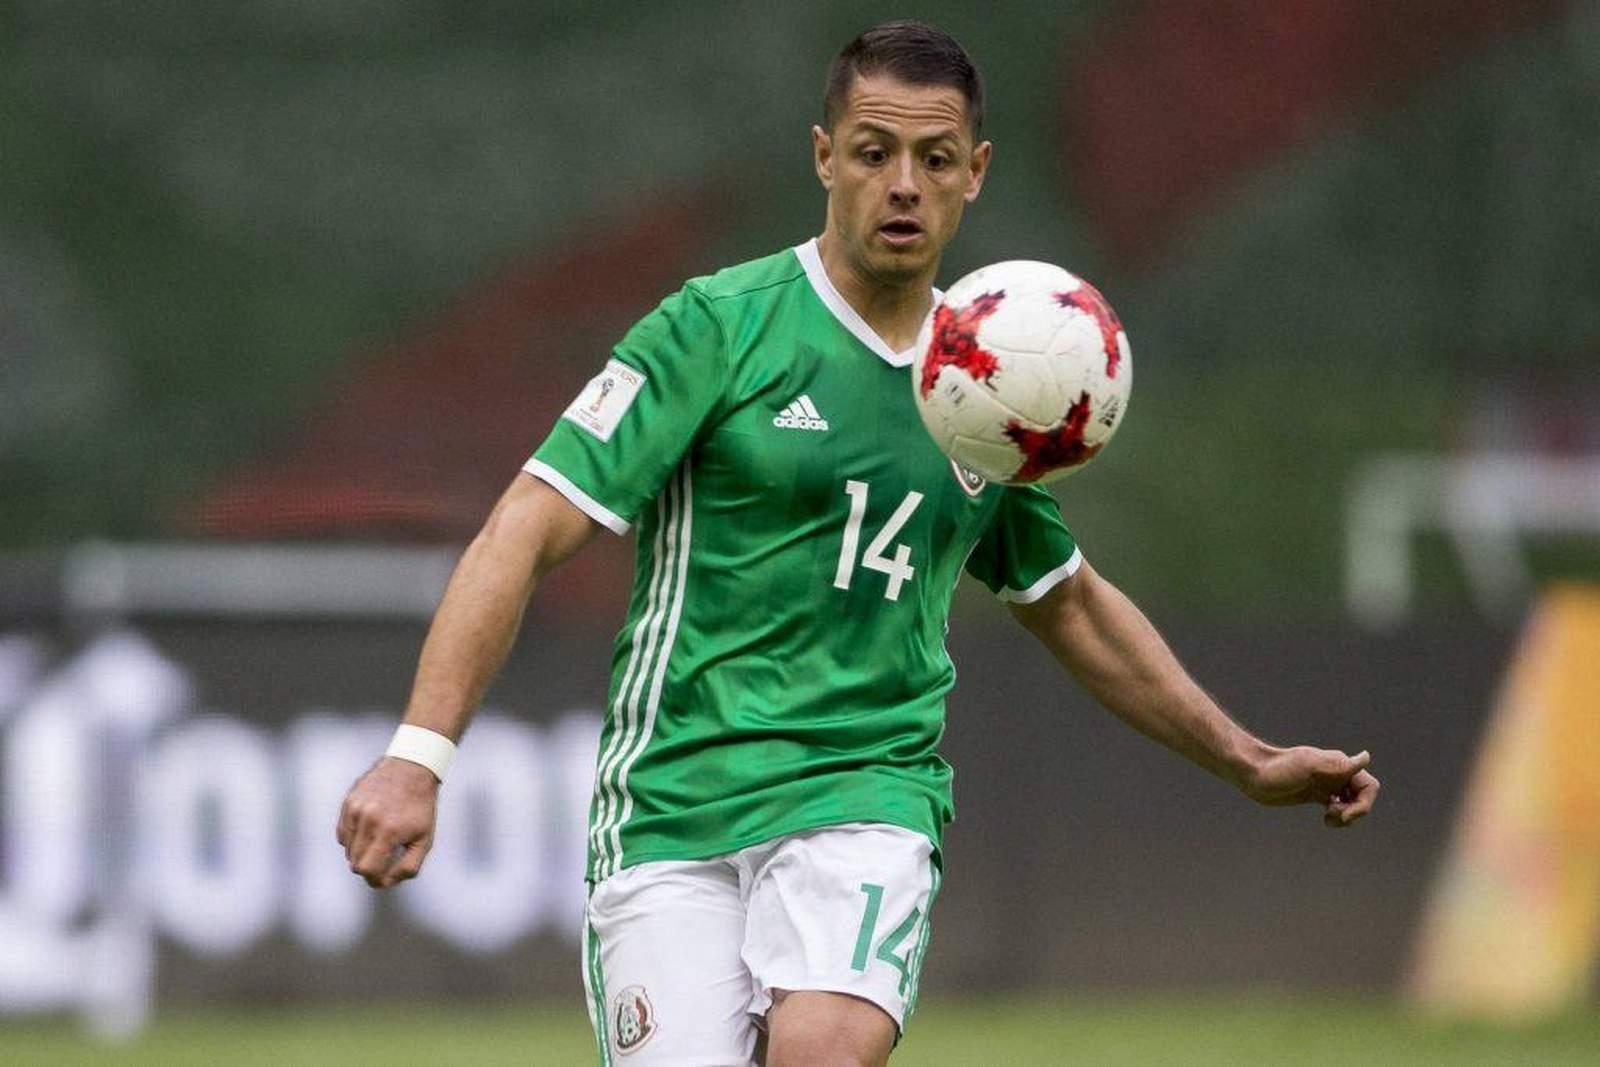 Chicharito kontrolliert den Ball. Jetzt auf Südkorea gegen Mexiko wetten.